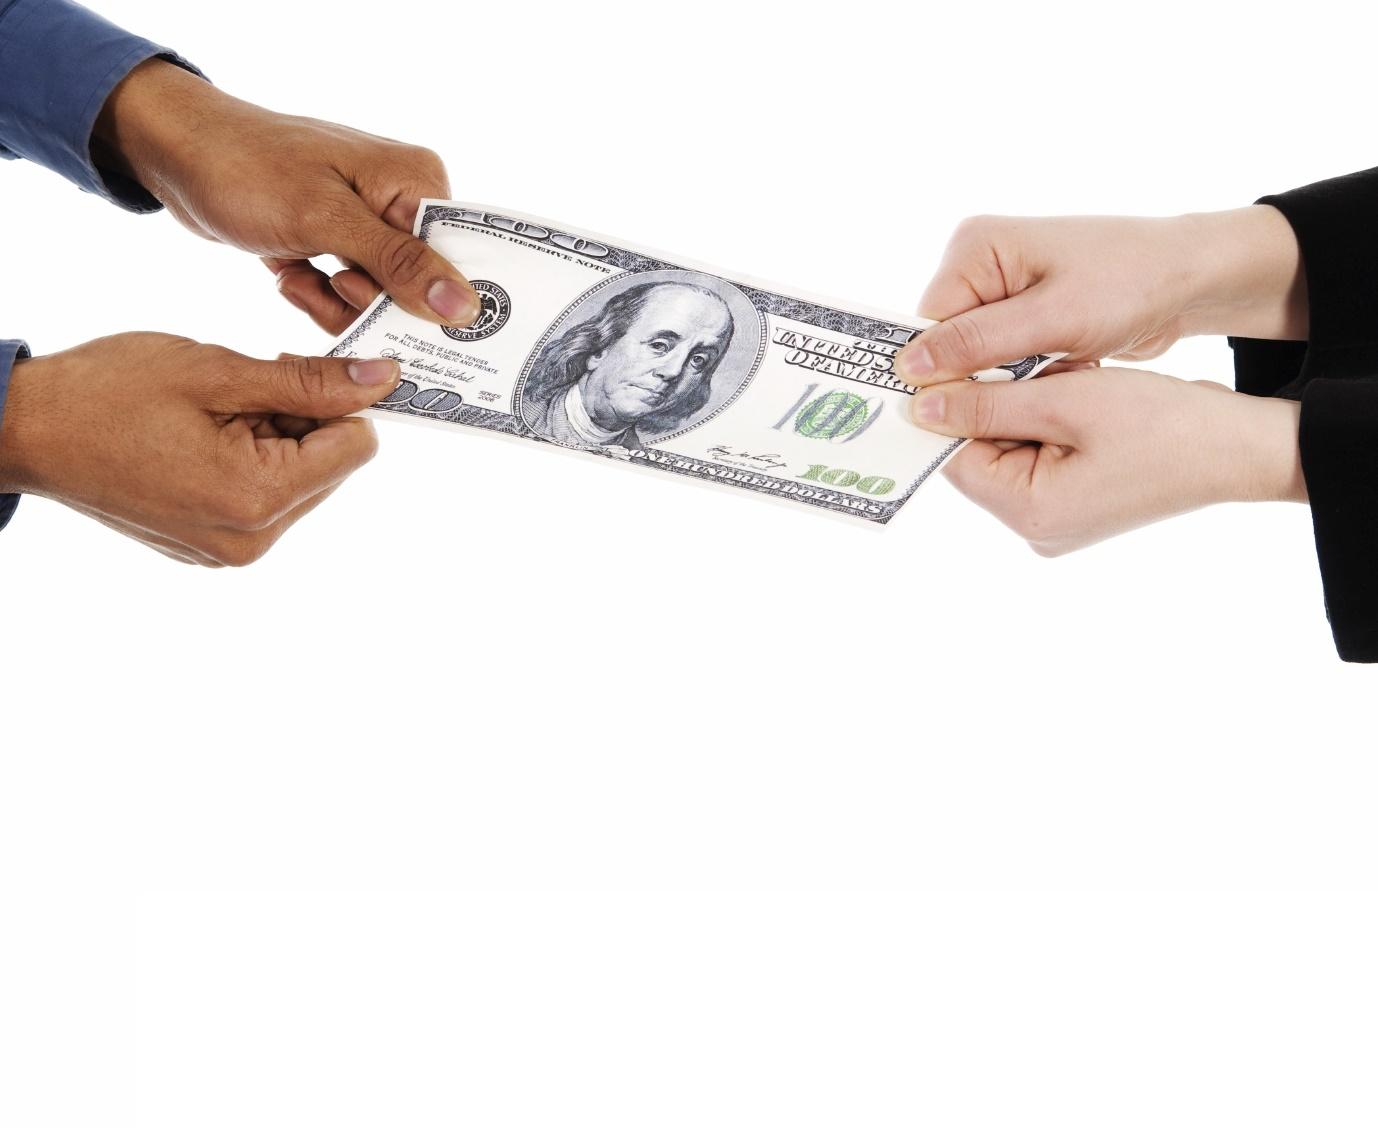 Как делится потребительский кредит при разводе супругов